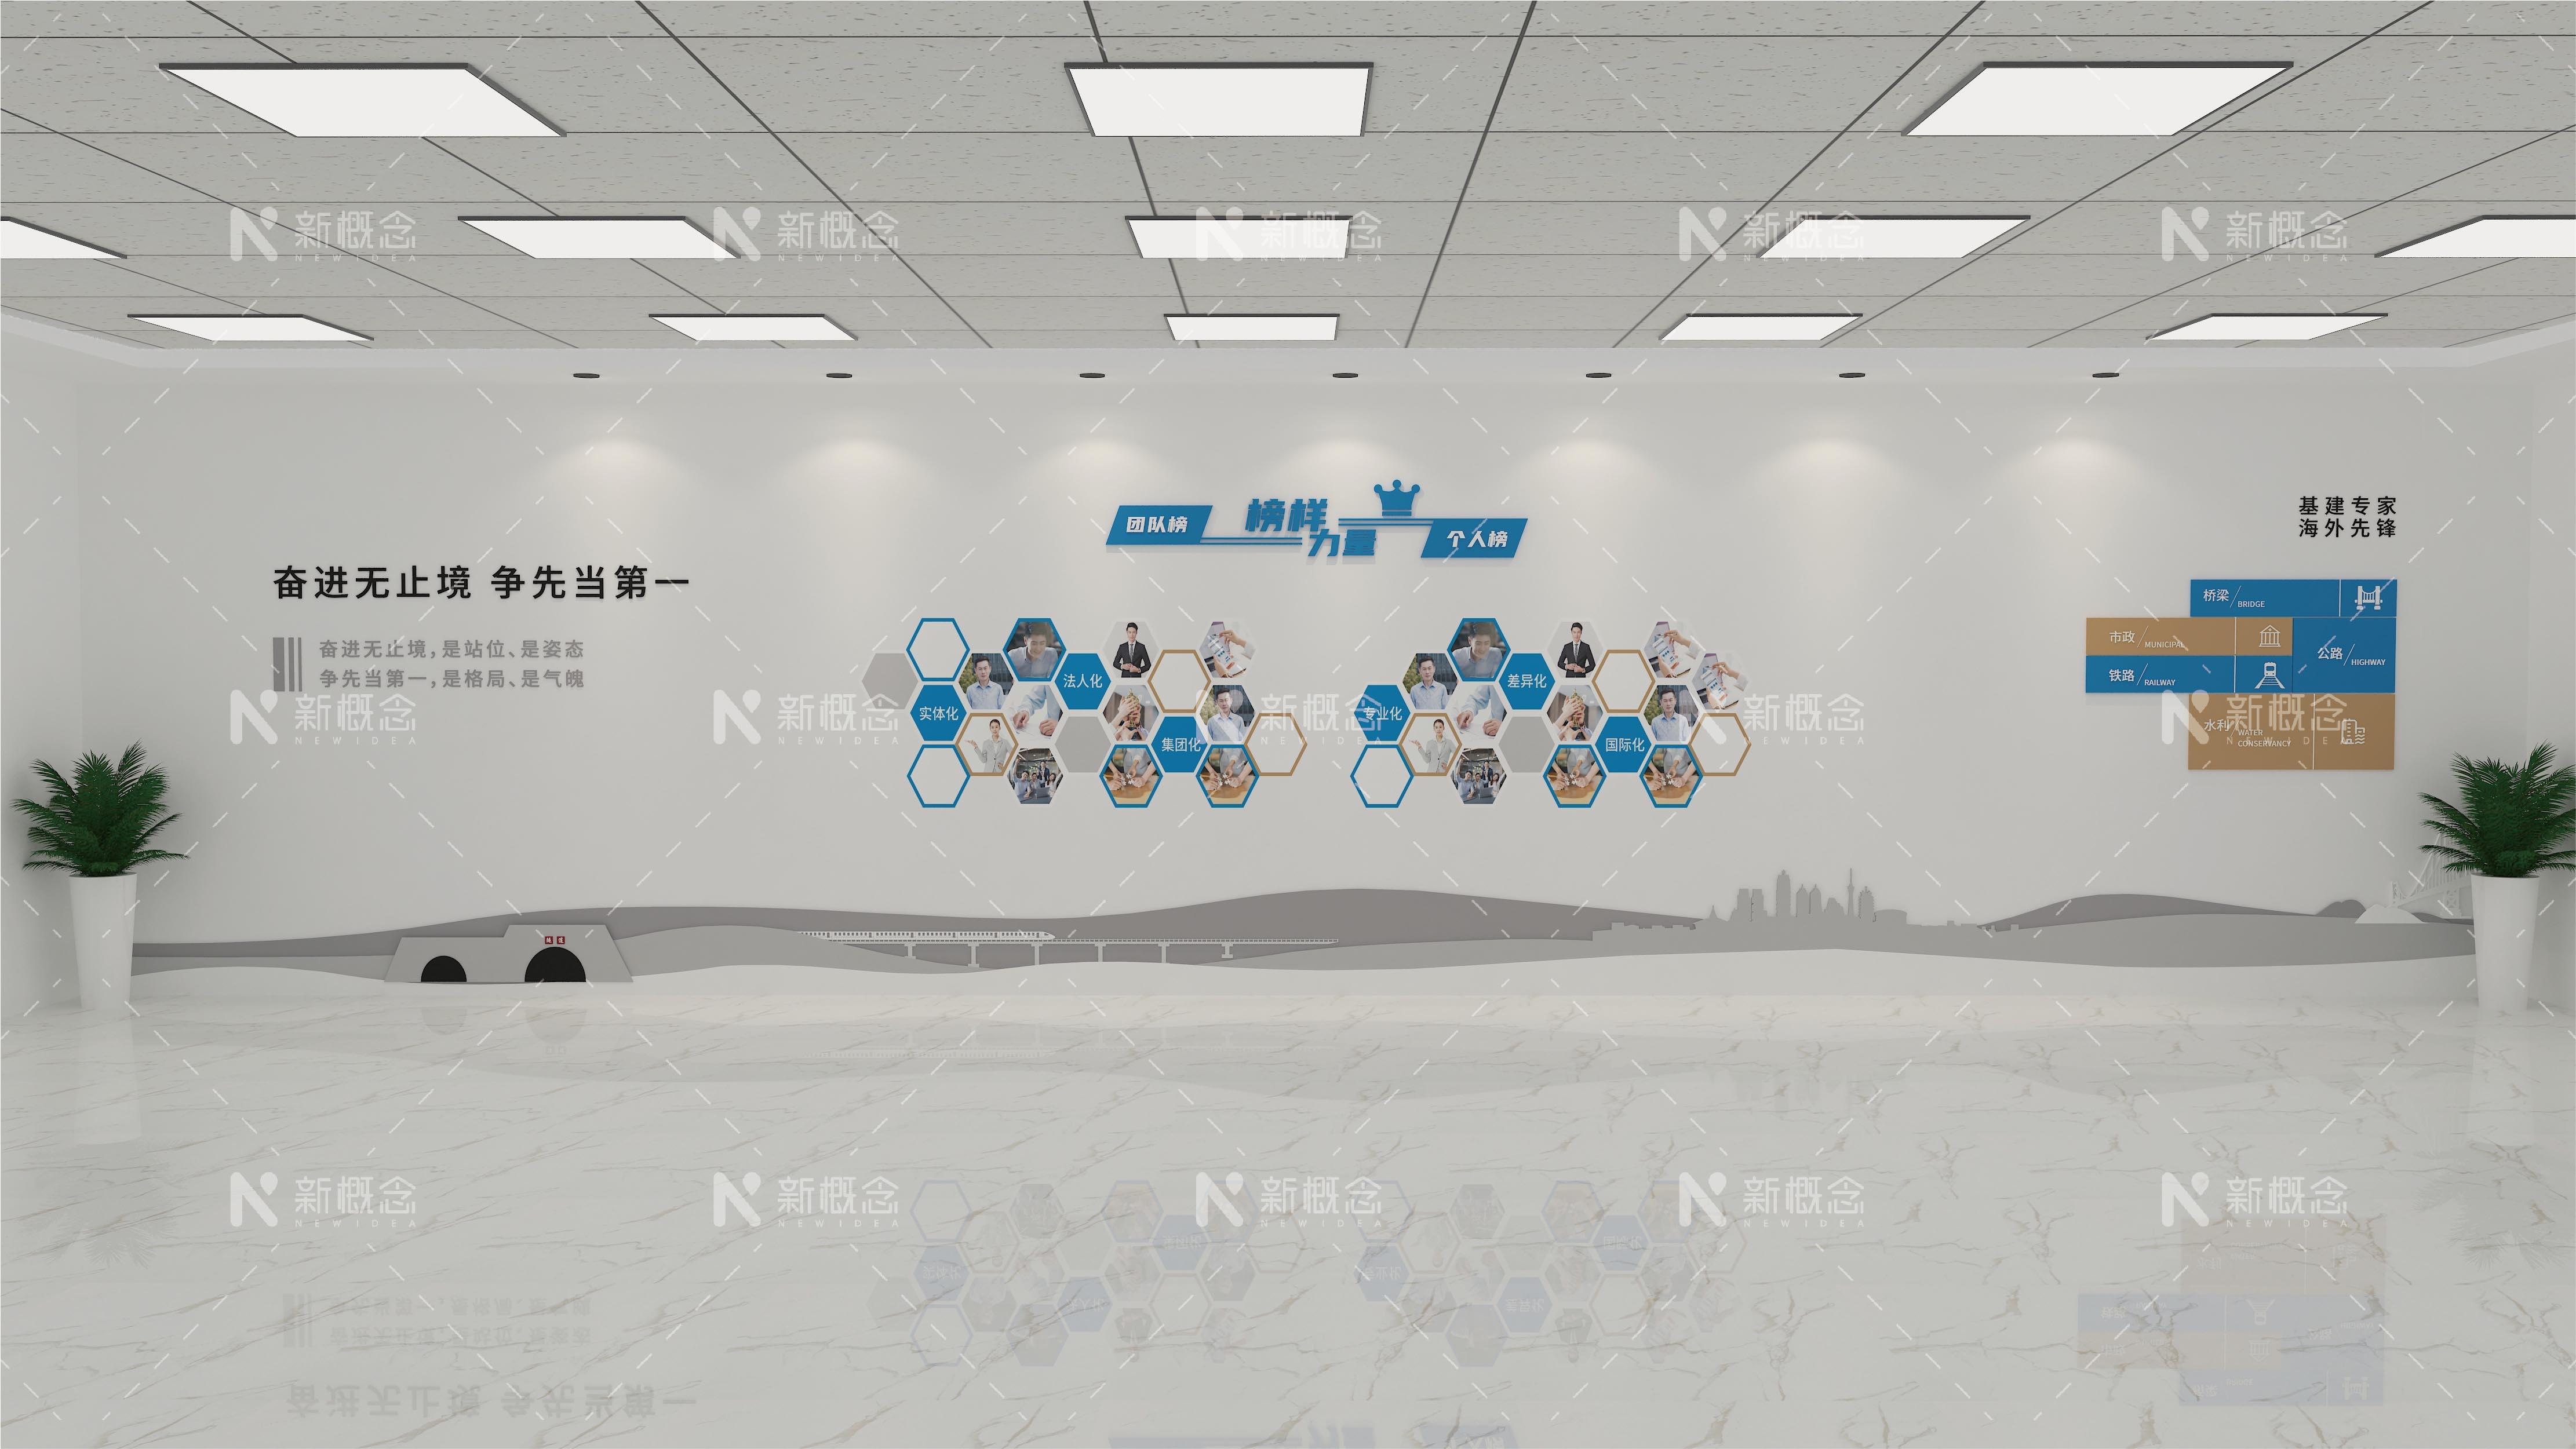 中建第七工程局文化墙设计